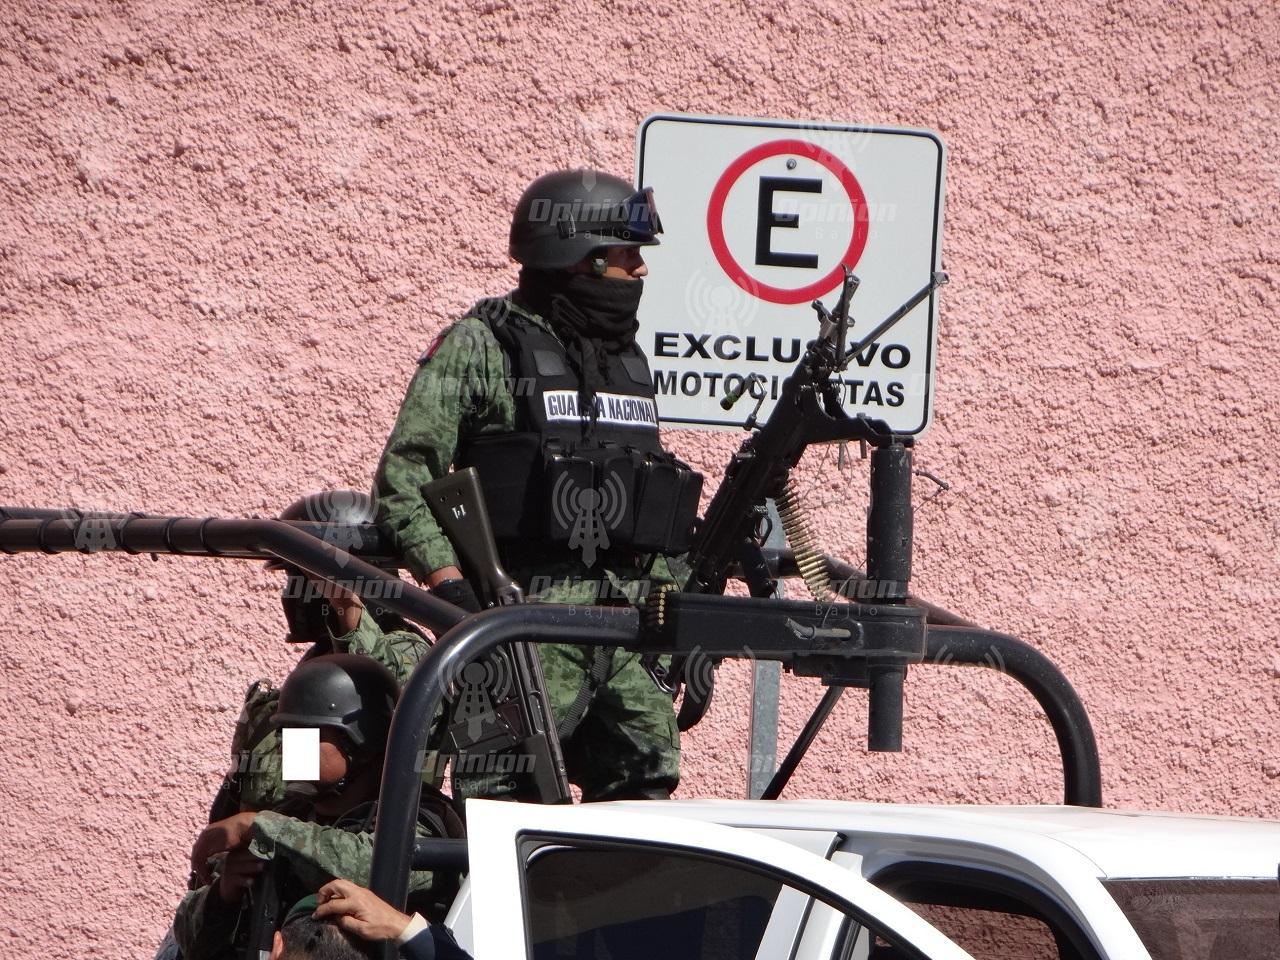 47 miembros del crimen organizado han sido detenidos en las últimas semanas en Guanajuato: SEDENA